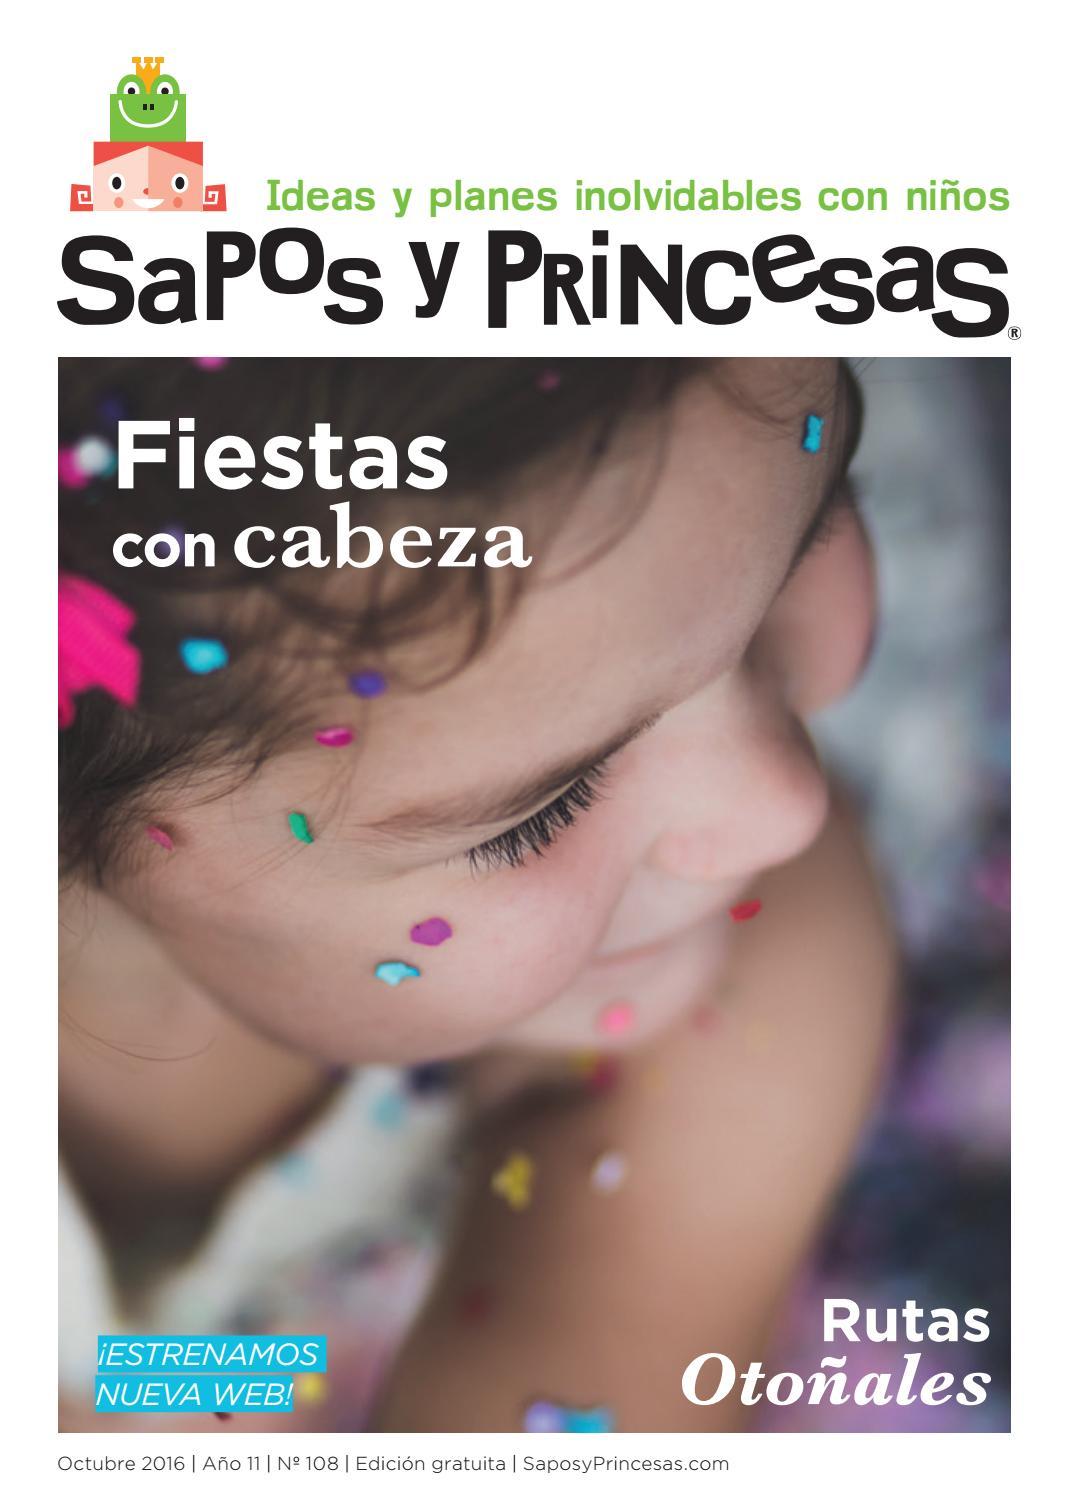 108 Sapos y Princesas Octubre 2016 by SAPOS Y PRINCESAS - issuu